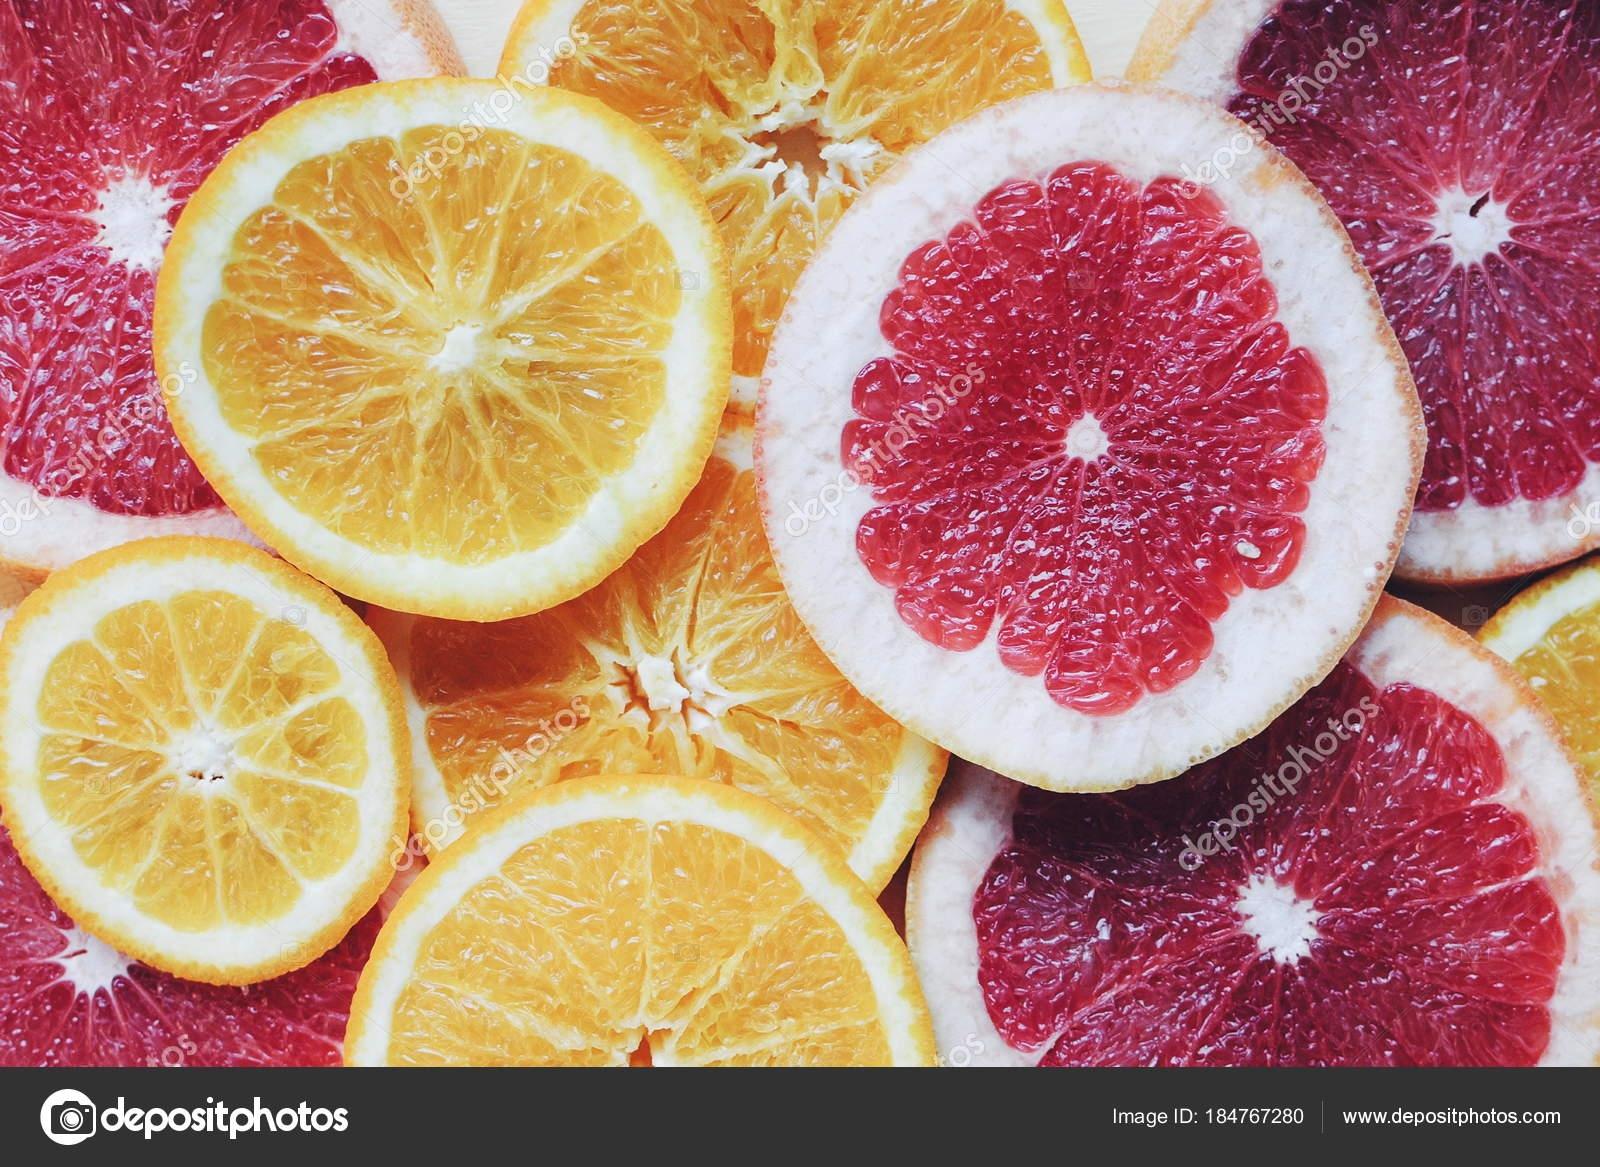 Обои для рабочего стола фрукты013